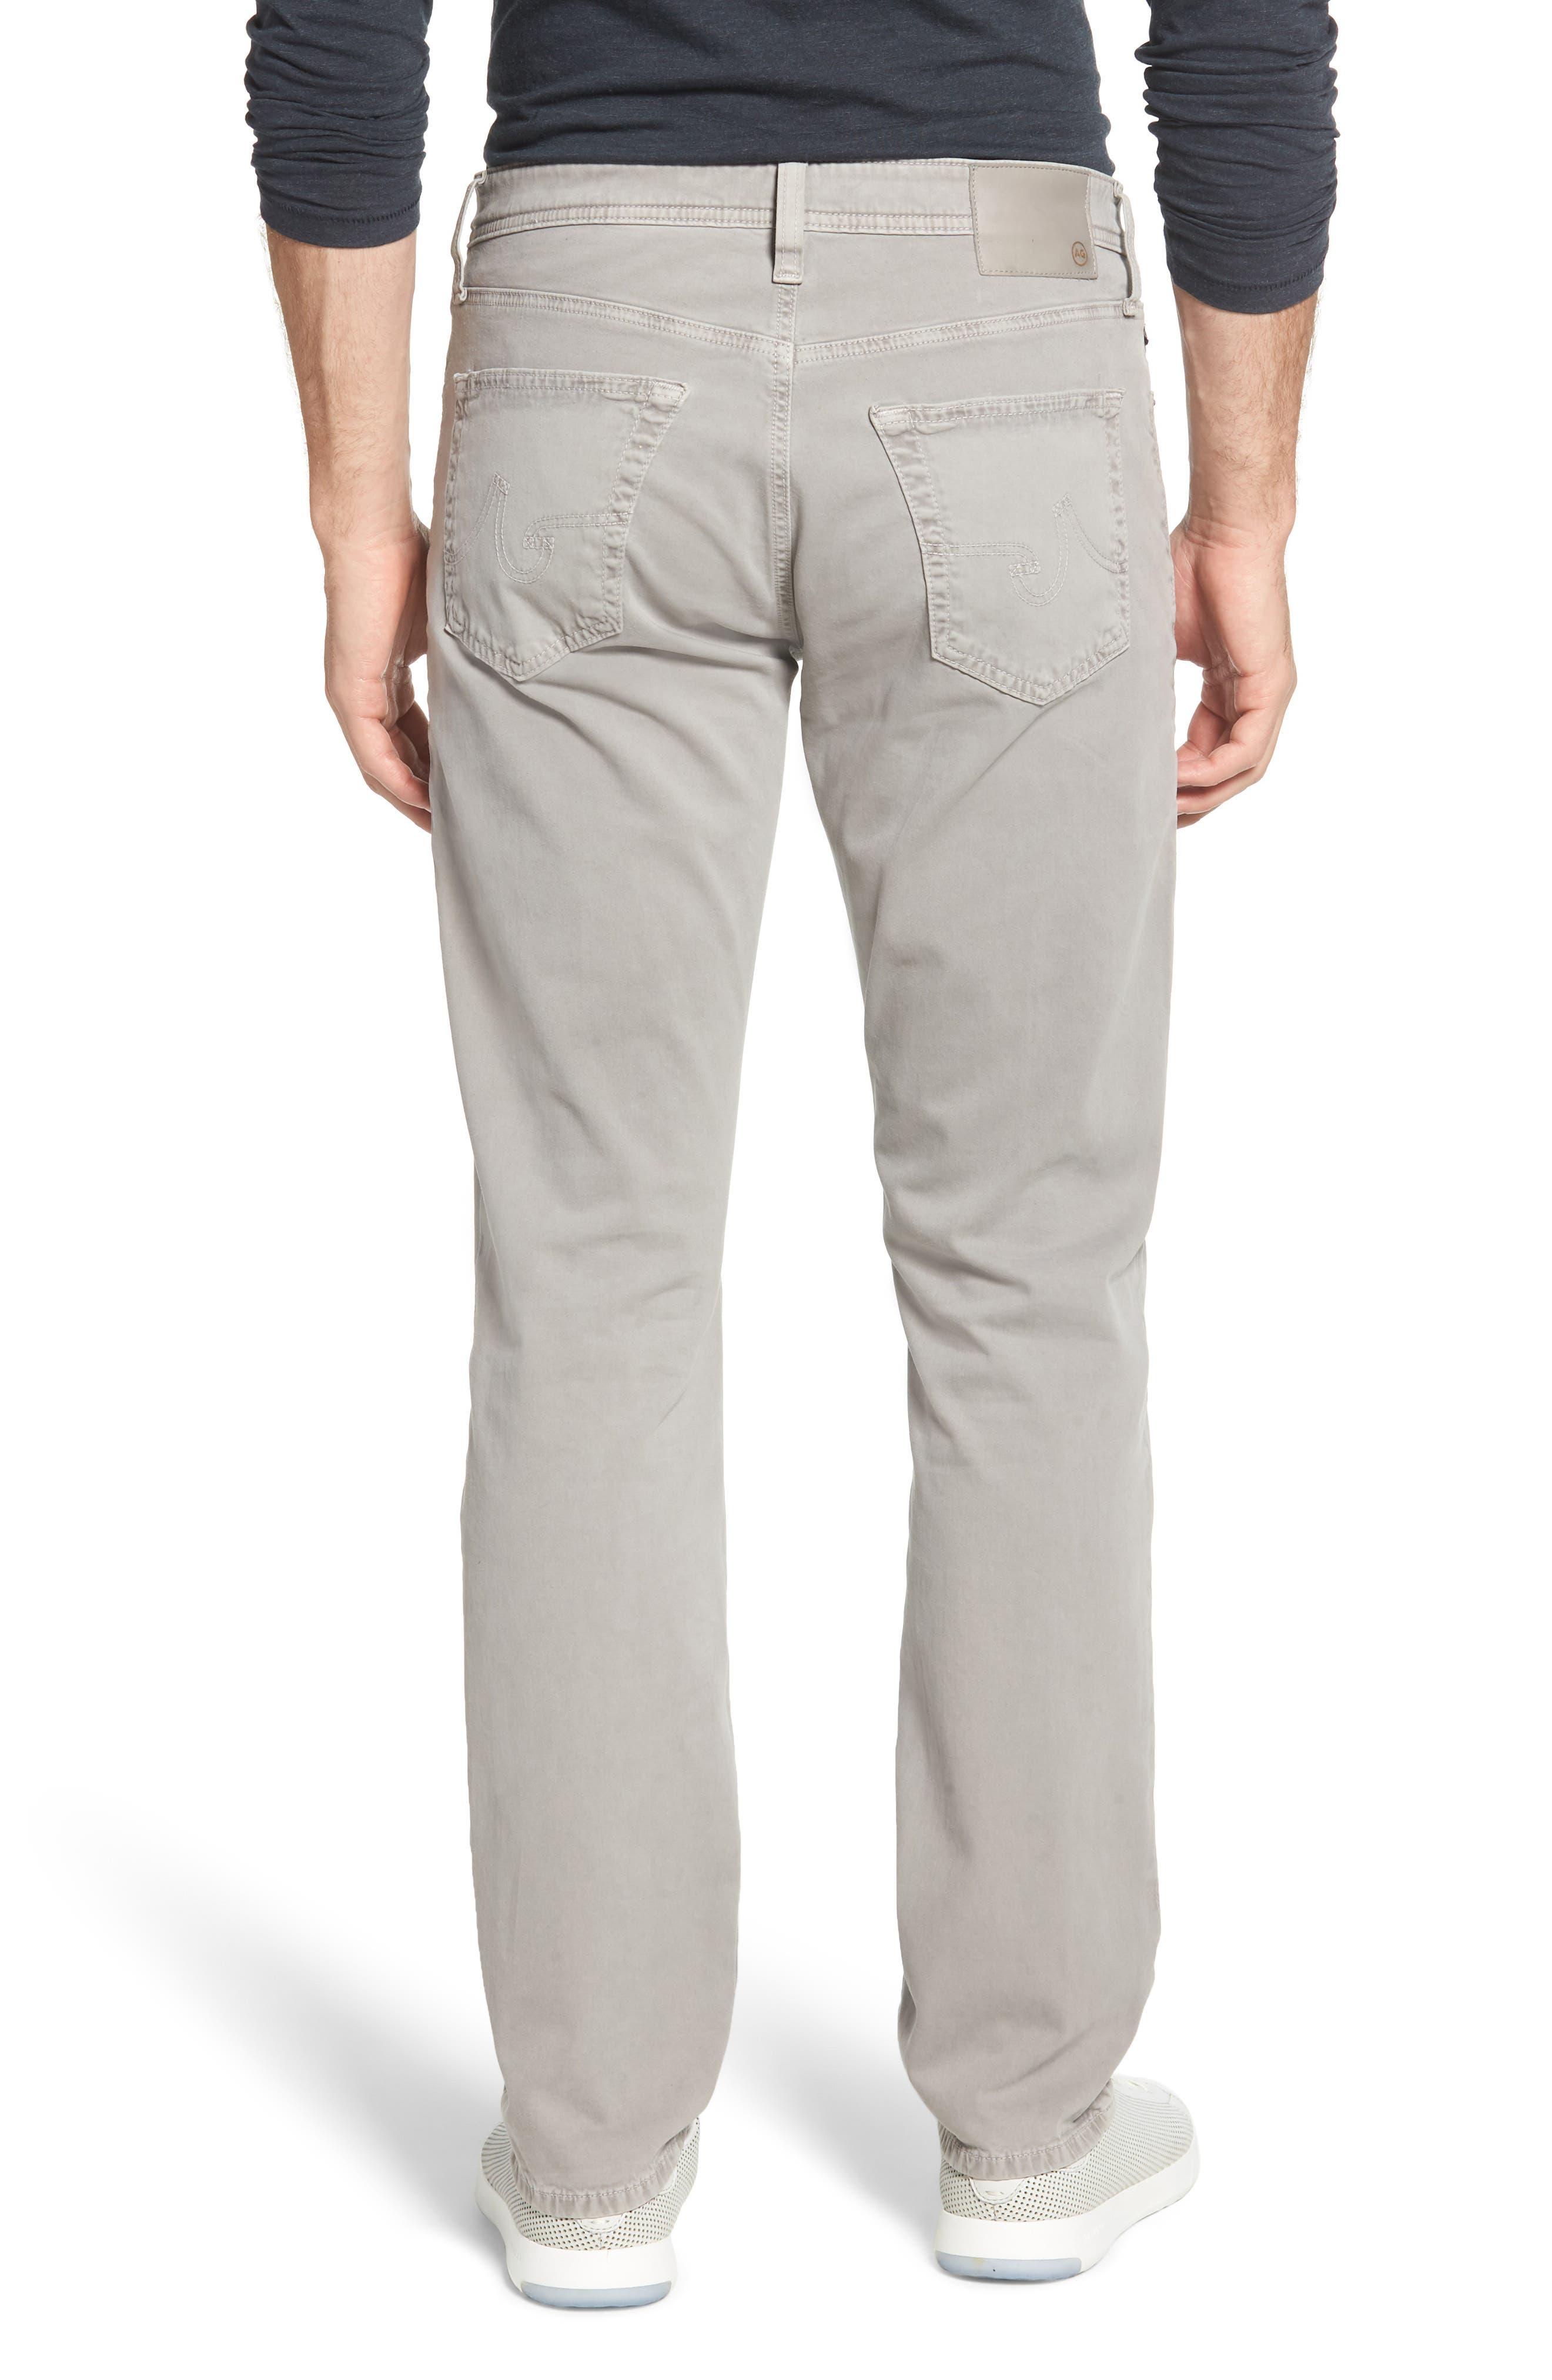 Everett SUD Slim Straight Fit Pants,                             Alternate thumbnail 2, color,                             SULFUR PLATINUM